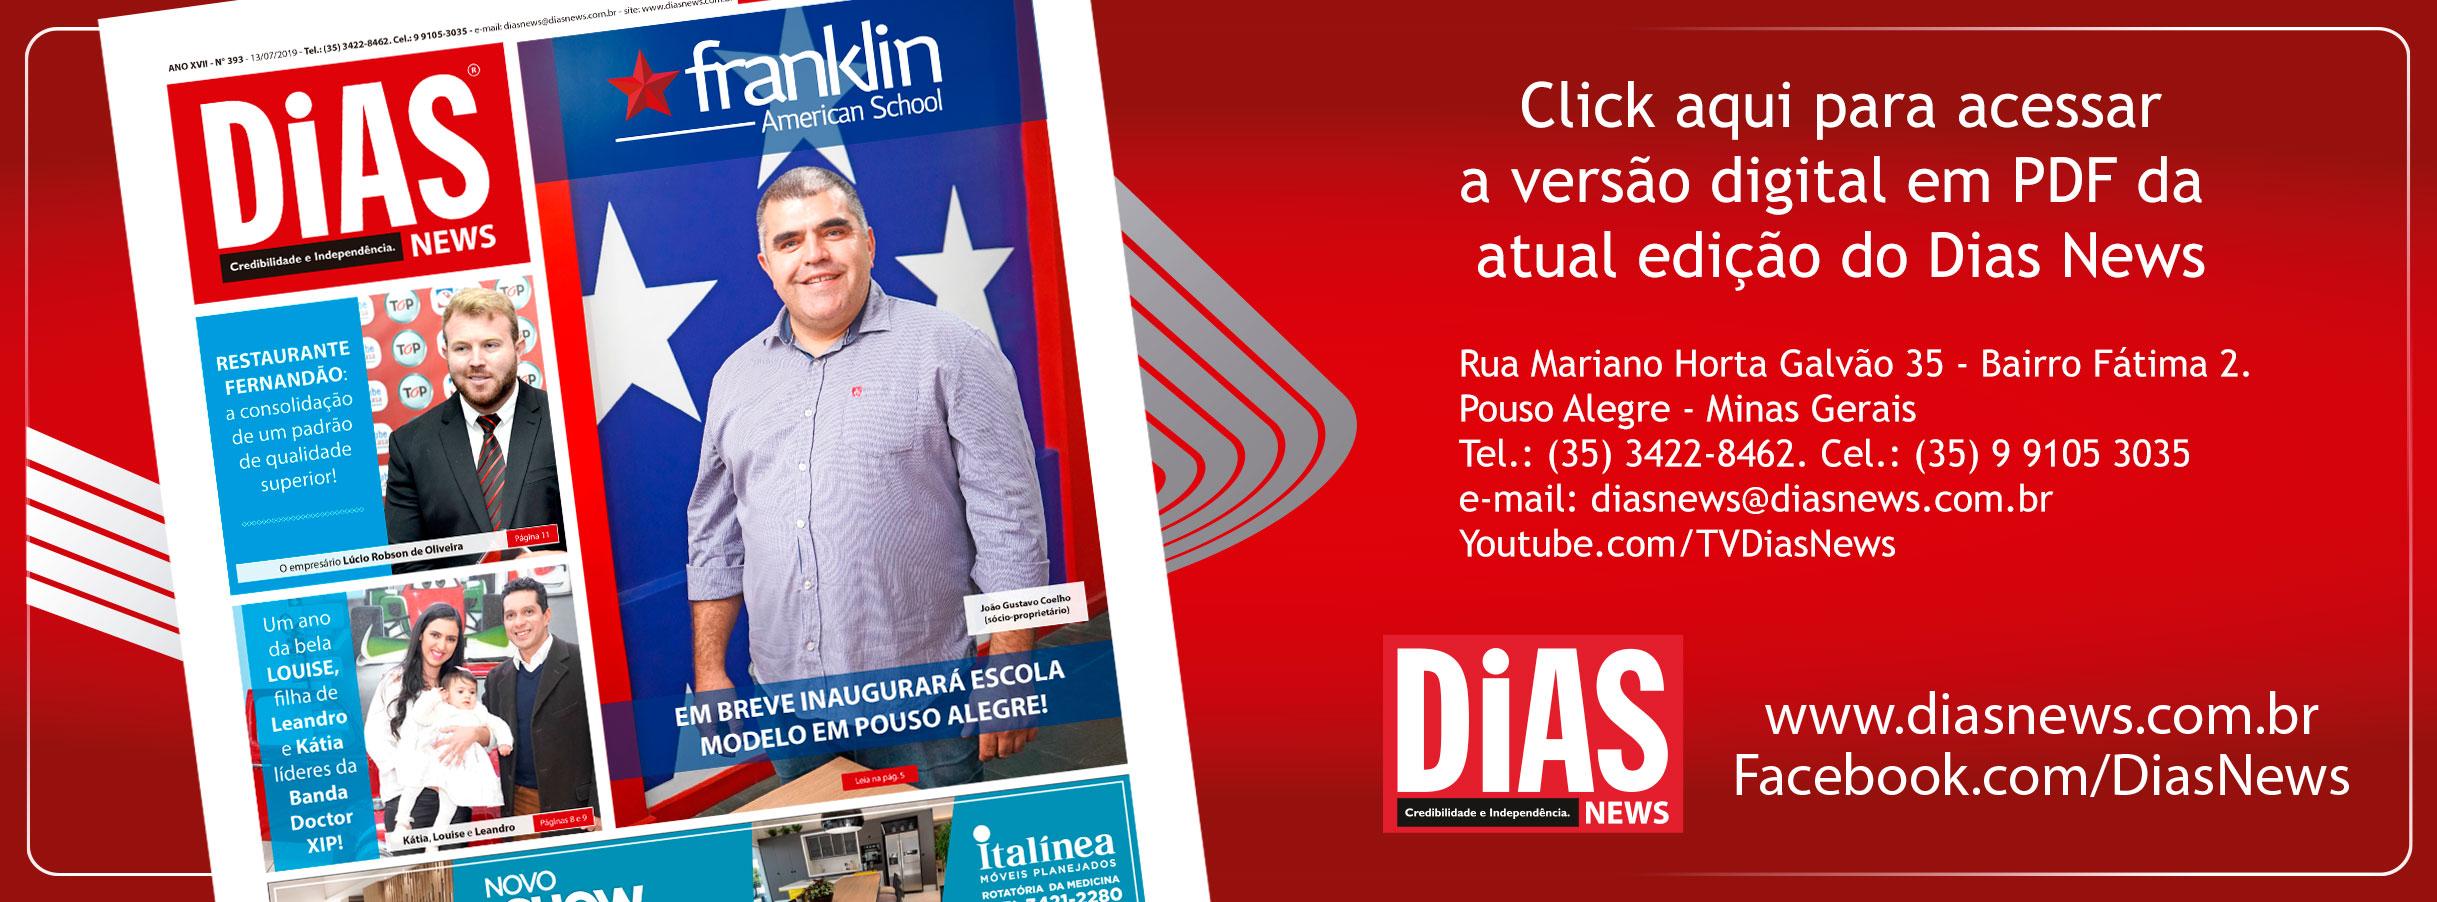 CLICK AQUI e acesse a edição 393 do Dias News